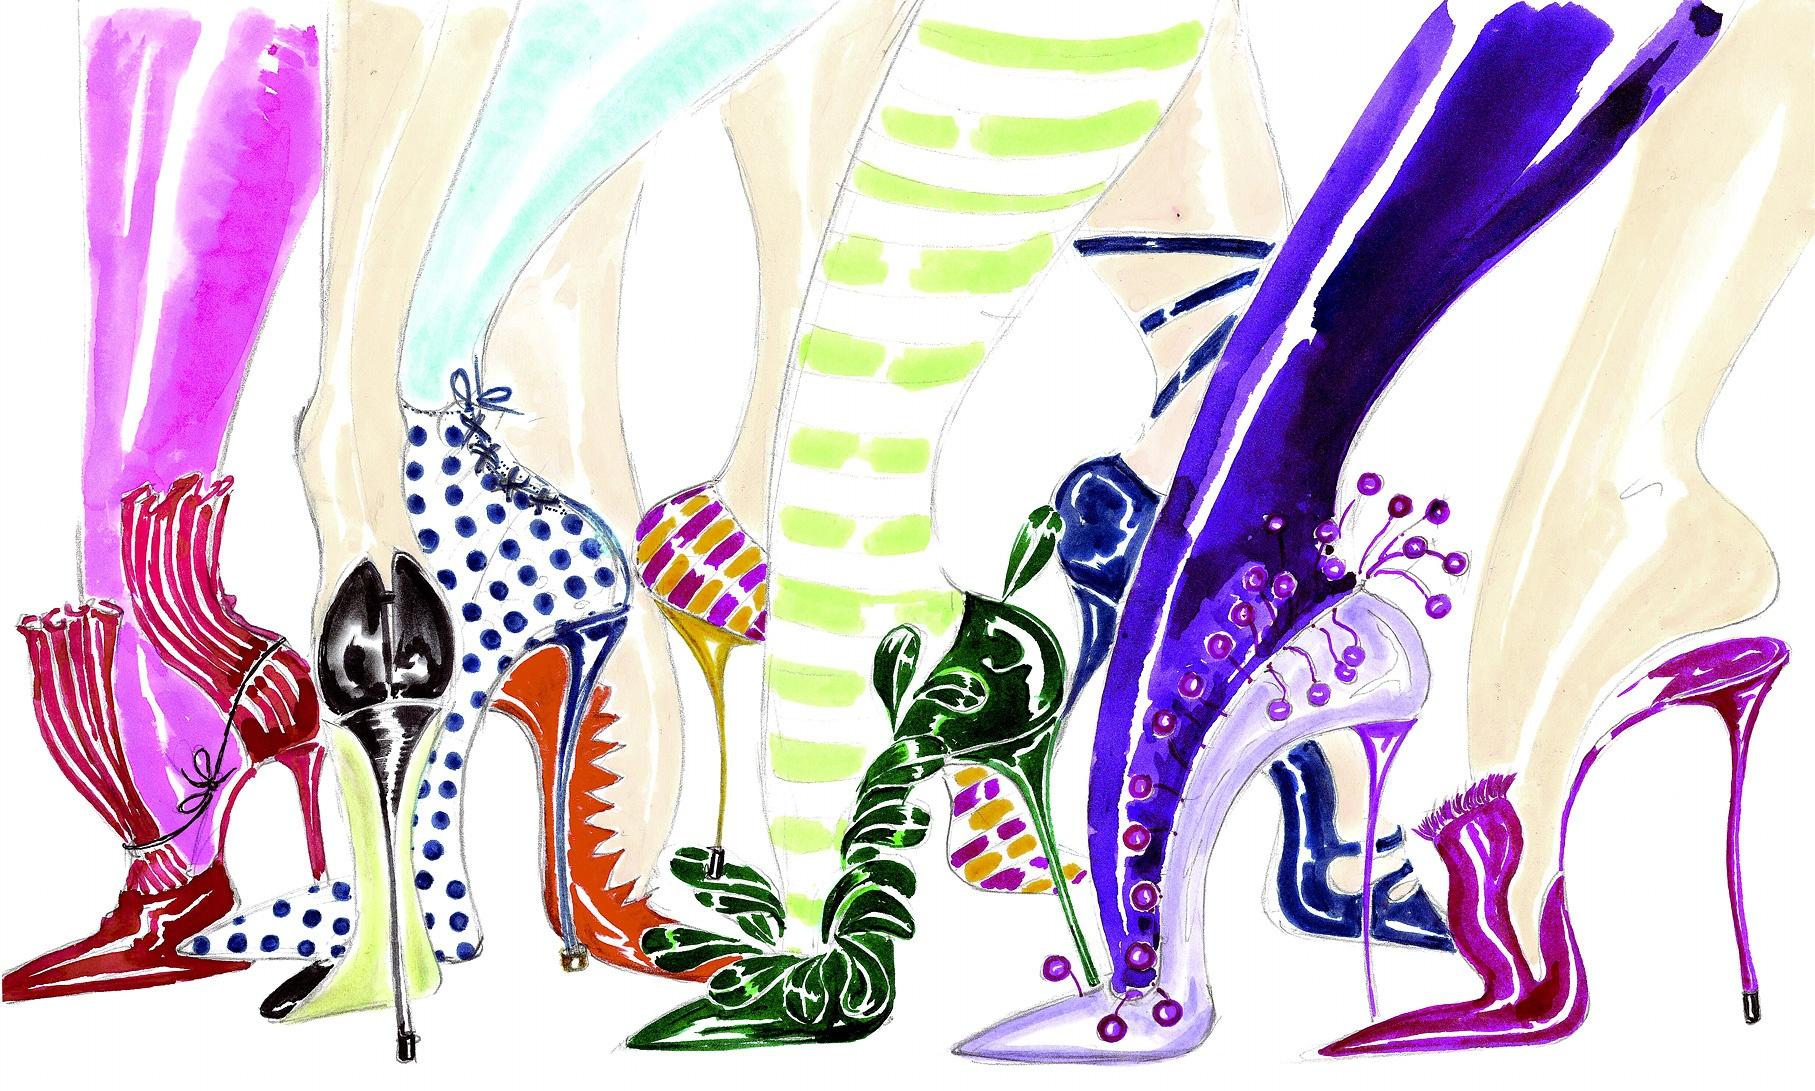 Manolo Blahnik. Shoe art